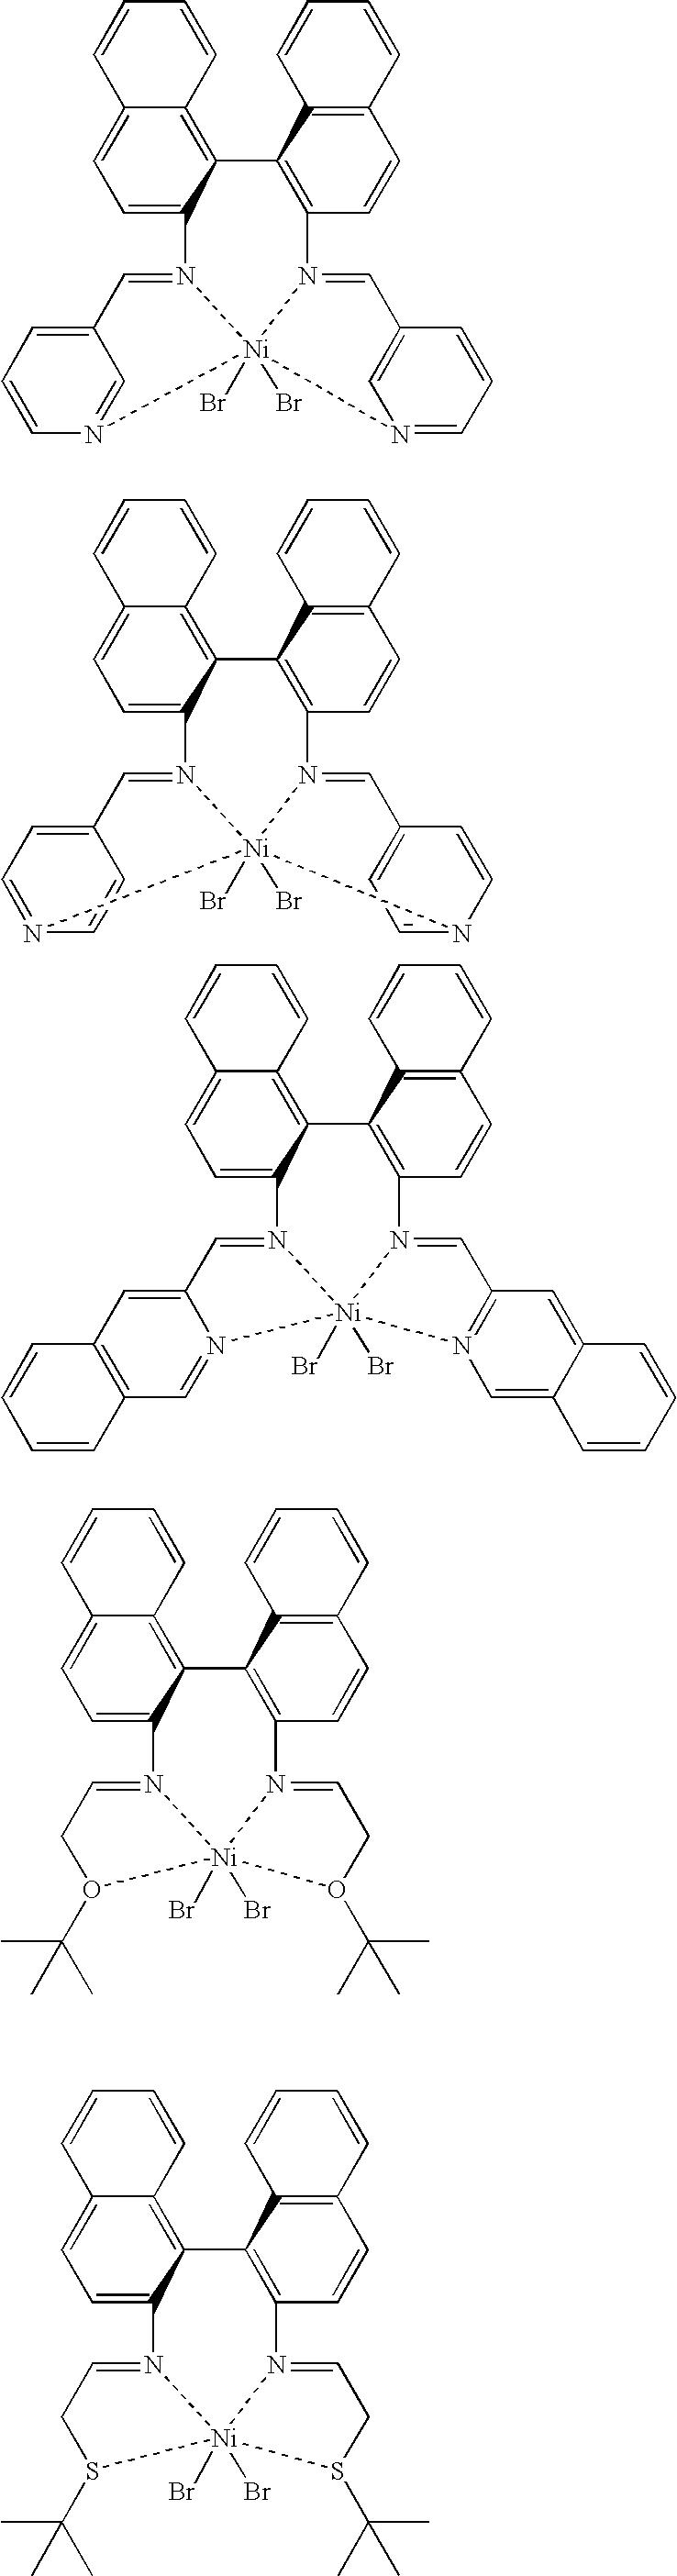 Figure US20060135352A1-20060622-C00011